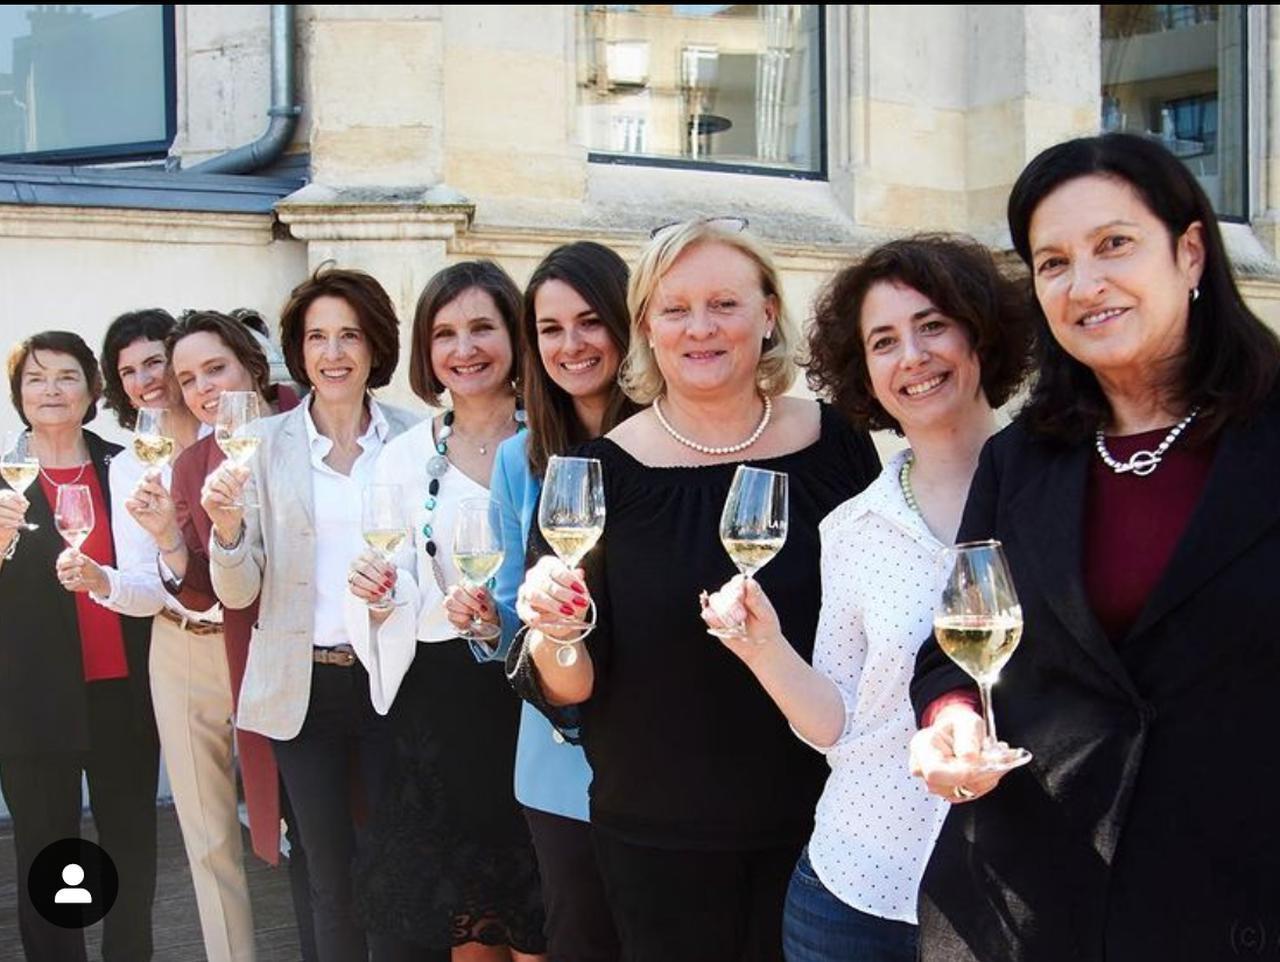 画像: 「ラ・トランスミッション」の9人の女性。 左から、エヴリン・ボワゼルさん(シャンパーニュ・ボワゼル)、アリス・パイヤールさん(シャンパーニュ・ブルーノ・パイヤール)、ヴィタリー・テタンジェさん(シャンパーニュ ・テタンジェ)、アンヌ・マラサーニュさん(シャンパーニュ・AR ルノーブル)、シャンタル・ゴネさん(シャンパーニュ・フィリップ・ゴネ)、シャルリーヌ・ドラピエさん(シャンパーニュ・ドラピエ)、デルフィーヌ・カザルさん(シャンパーニュ・クロード・カザル)、メラニー・タルランさん(シャンパーニュ・タルラン)、マギー・エンリケスさん(シャンパーニュ・クリュッグ)